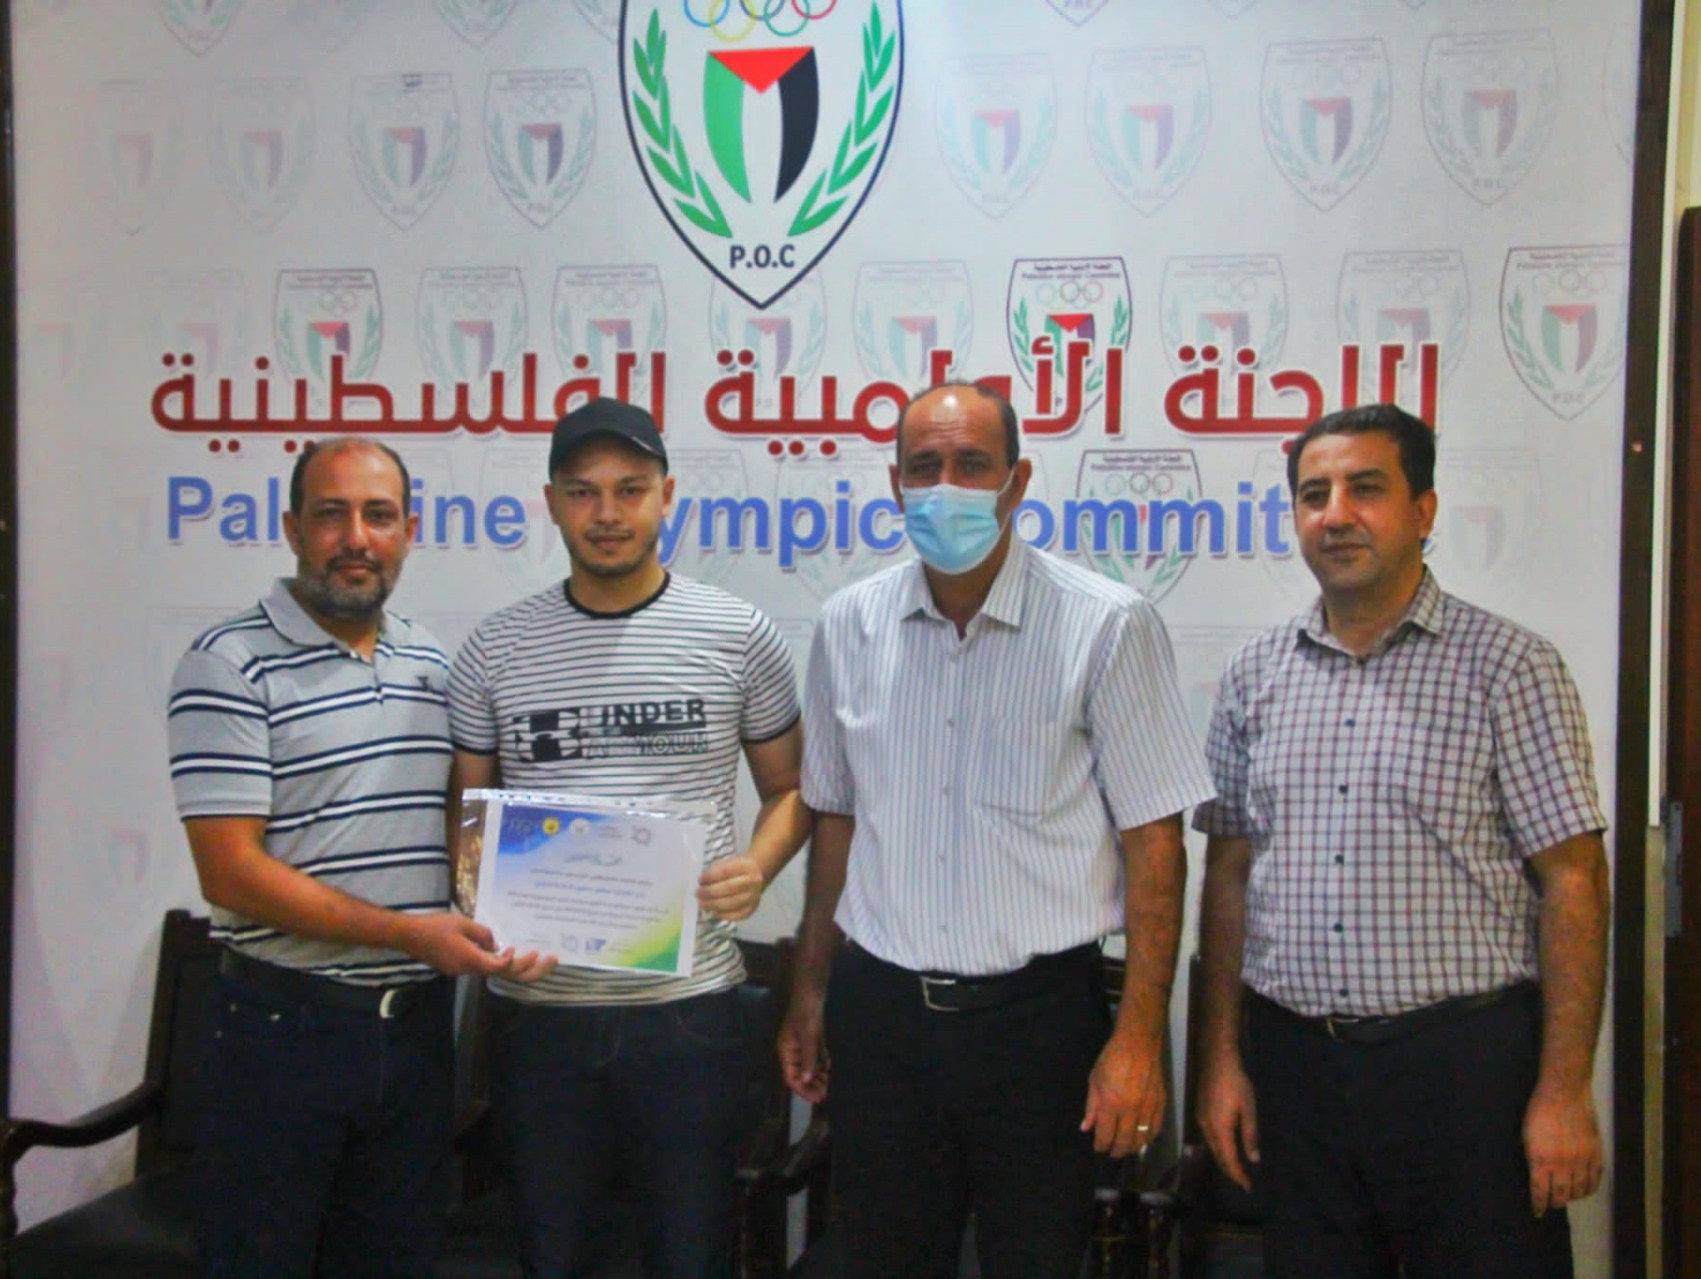 Palestinian baseball, softball and Baseball5 coaches and umpires graduate